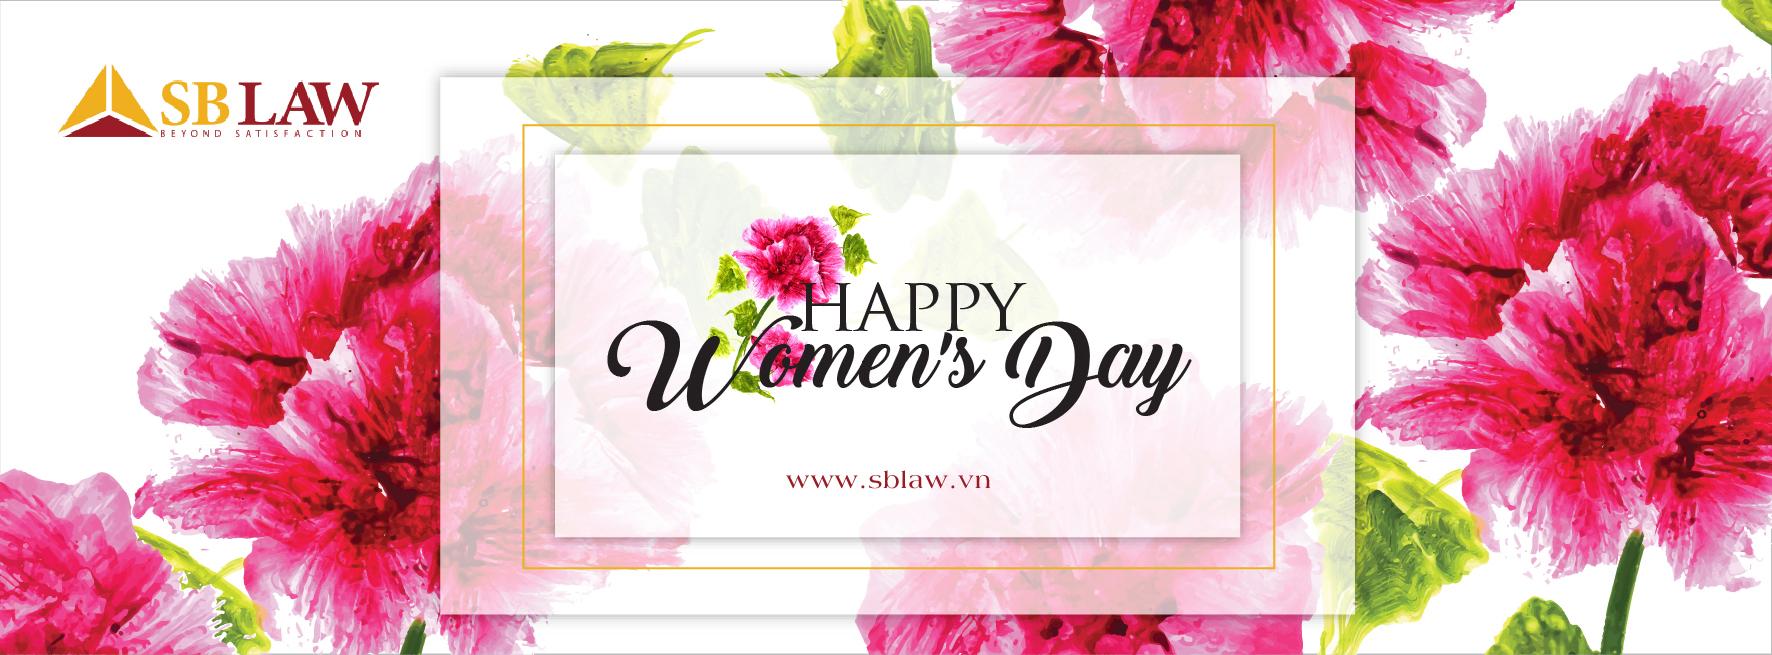 Chúc mừng các luật sư SBLAW ngày Quốc tế phụ nữ